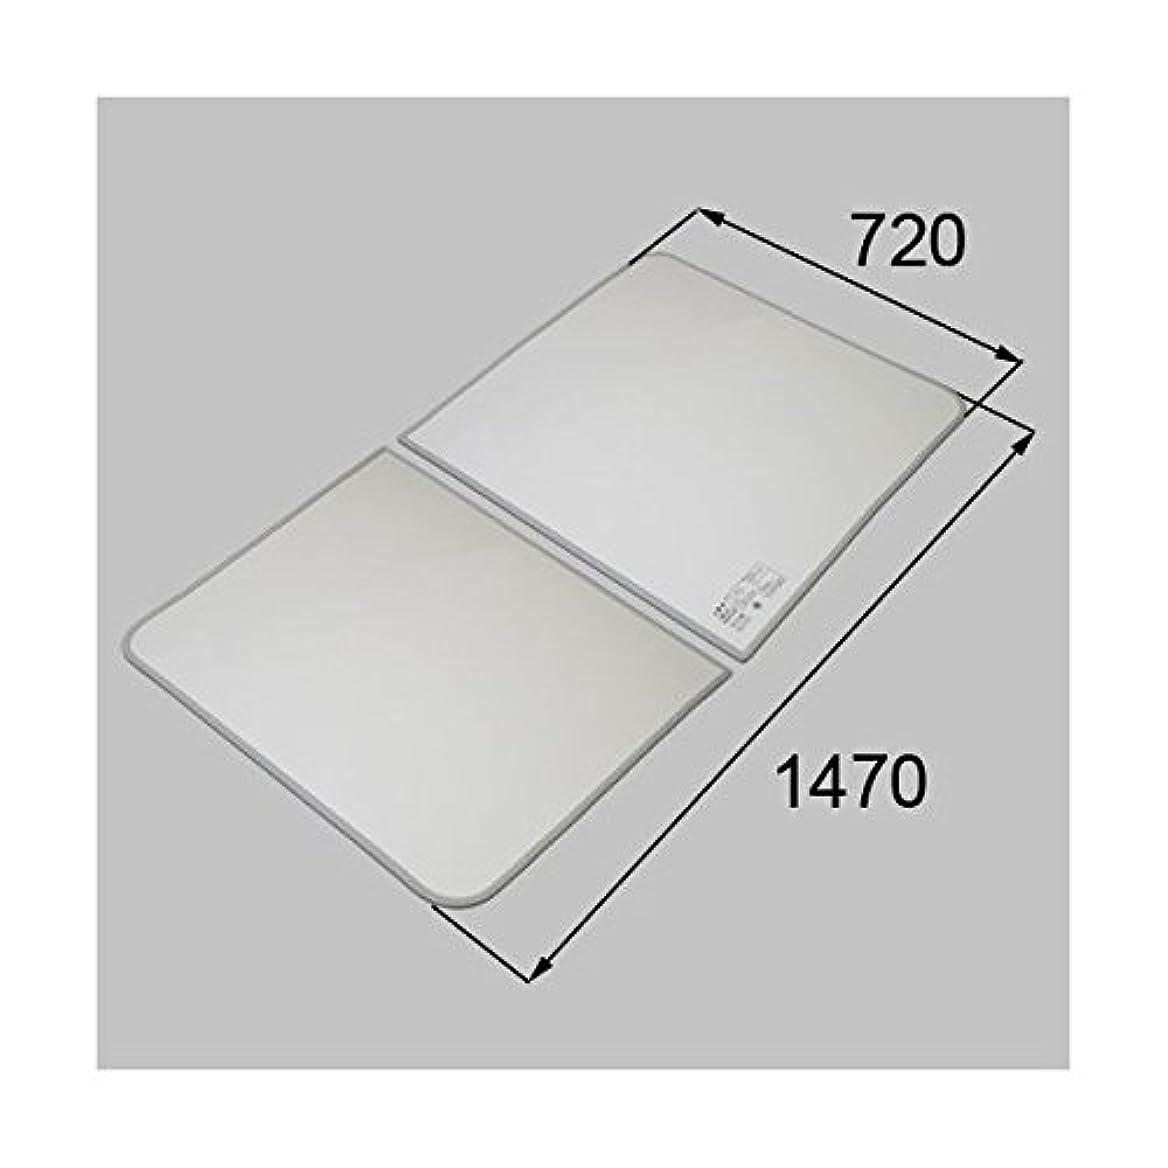 真面目な溶けるアシスタントLIXIL メンテナンス部品 浴槽組みフタ(2枚組み) RMBX024 *製品色?形状等仕様変更になる場合があります*